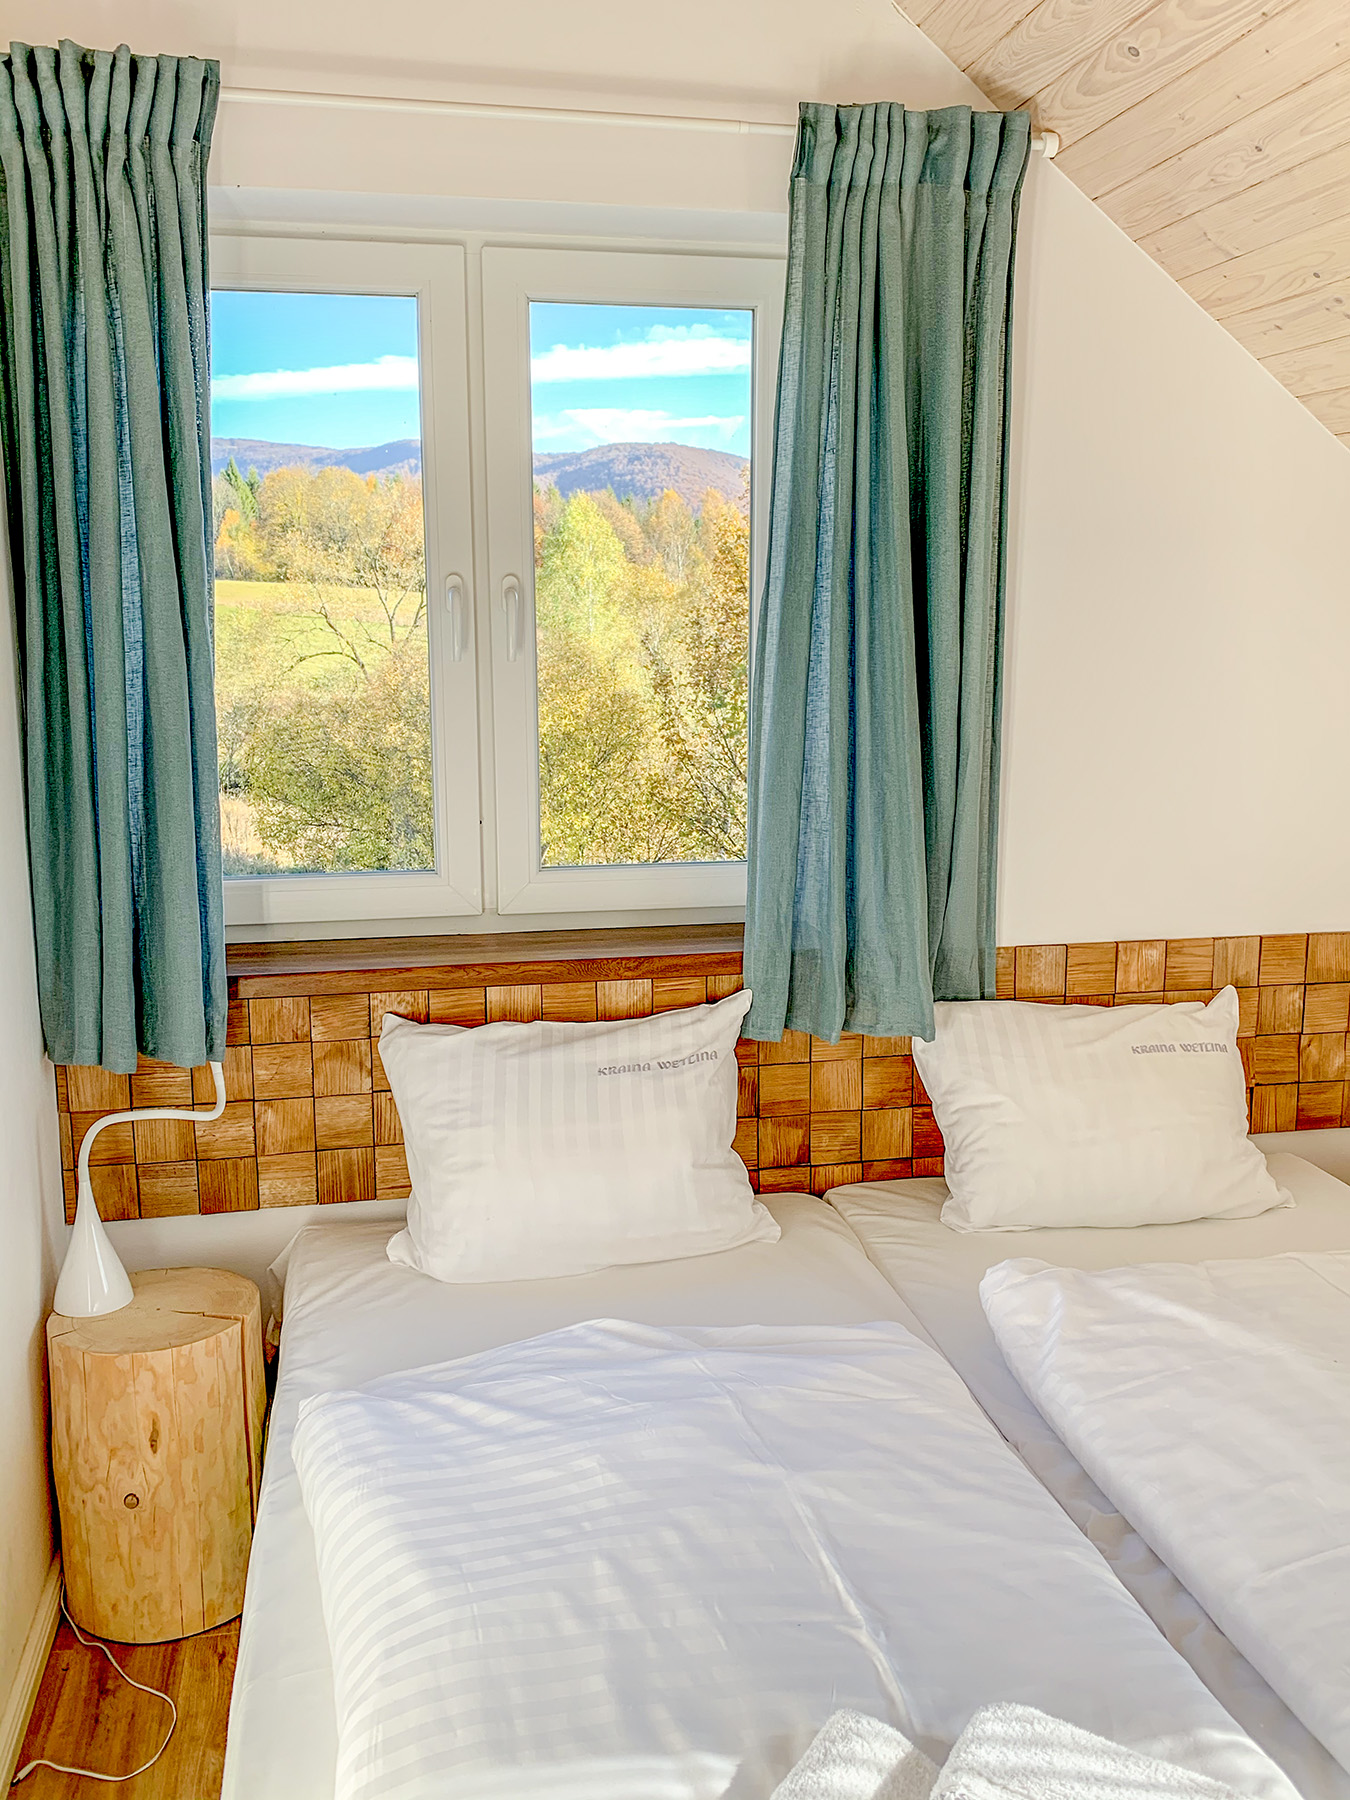 Kraina Wetlina - domki i apartamenty w Bieszczadach